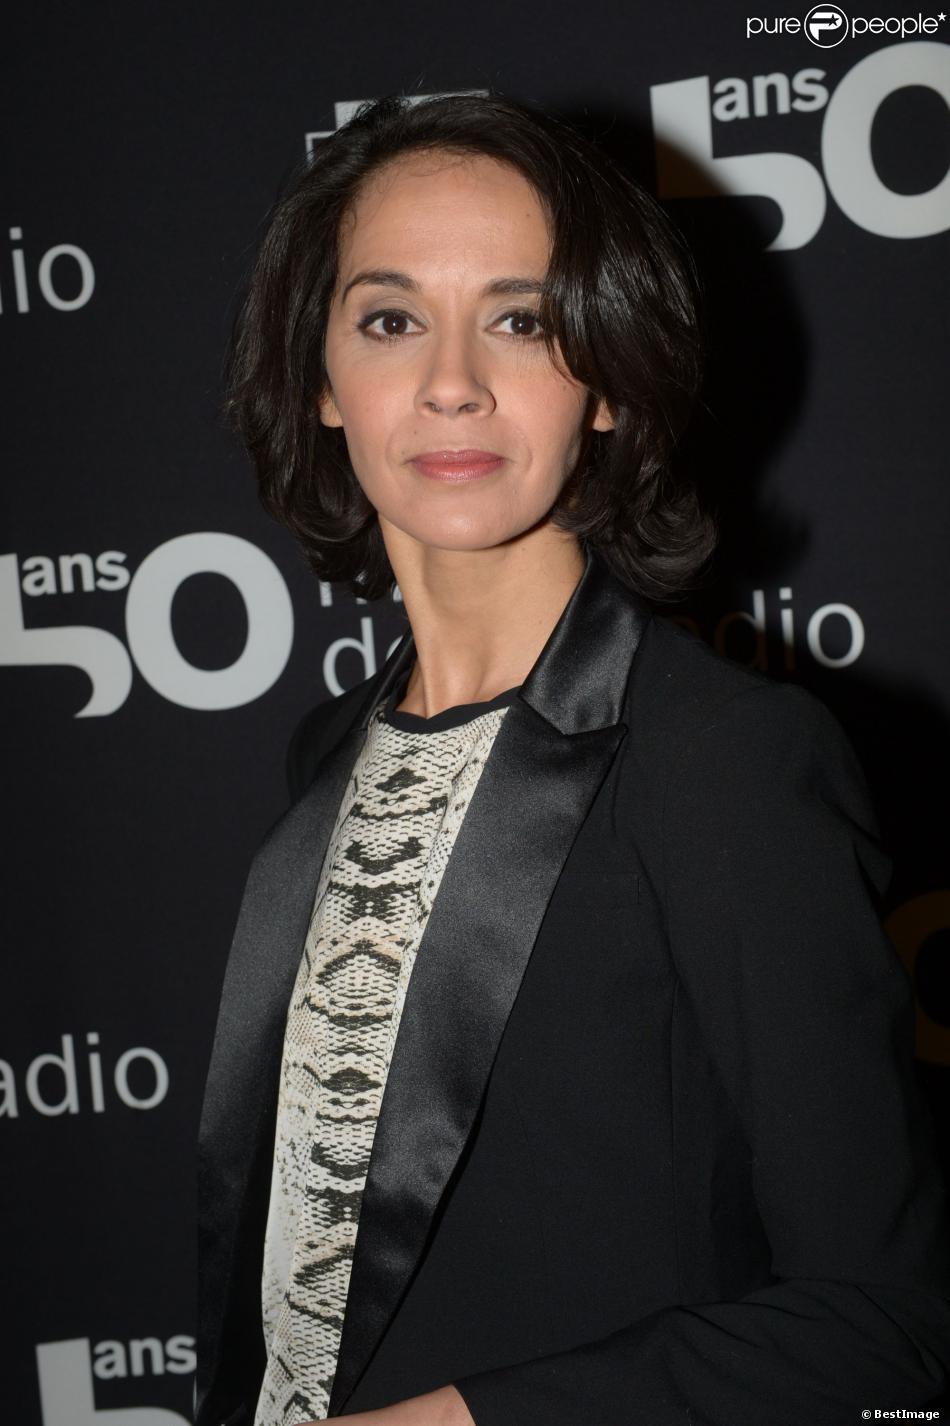 Exclusif - Sophia Aram lors du 50e anniversaire de la maison de la radio à Paris le 17 decembre 2013.